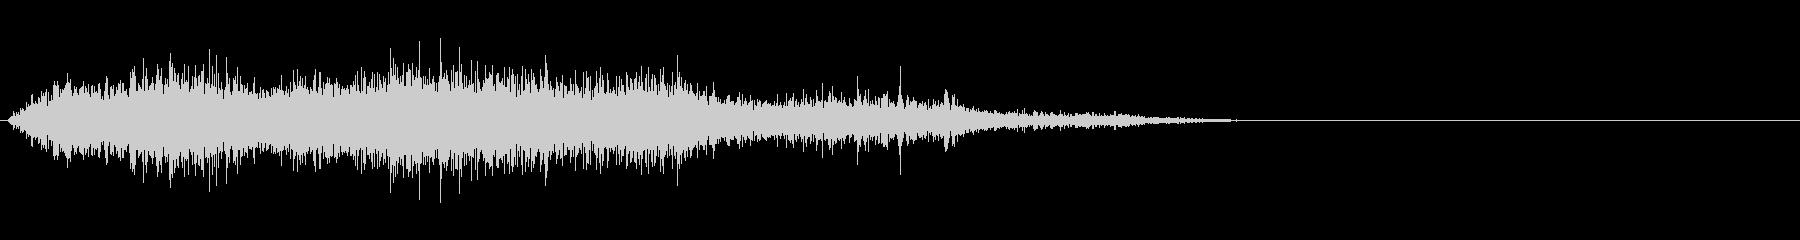 モンスター/獣/ゾンビ等の鳴き声!02Bの未再生の波形